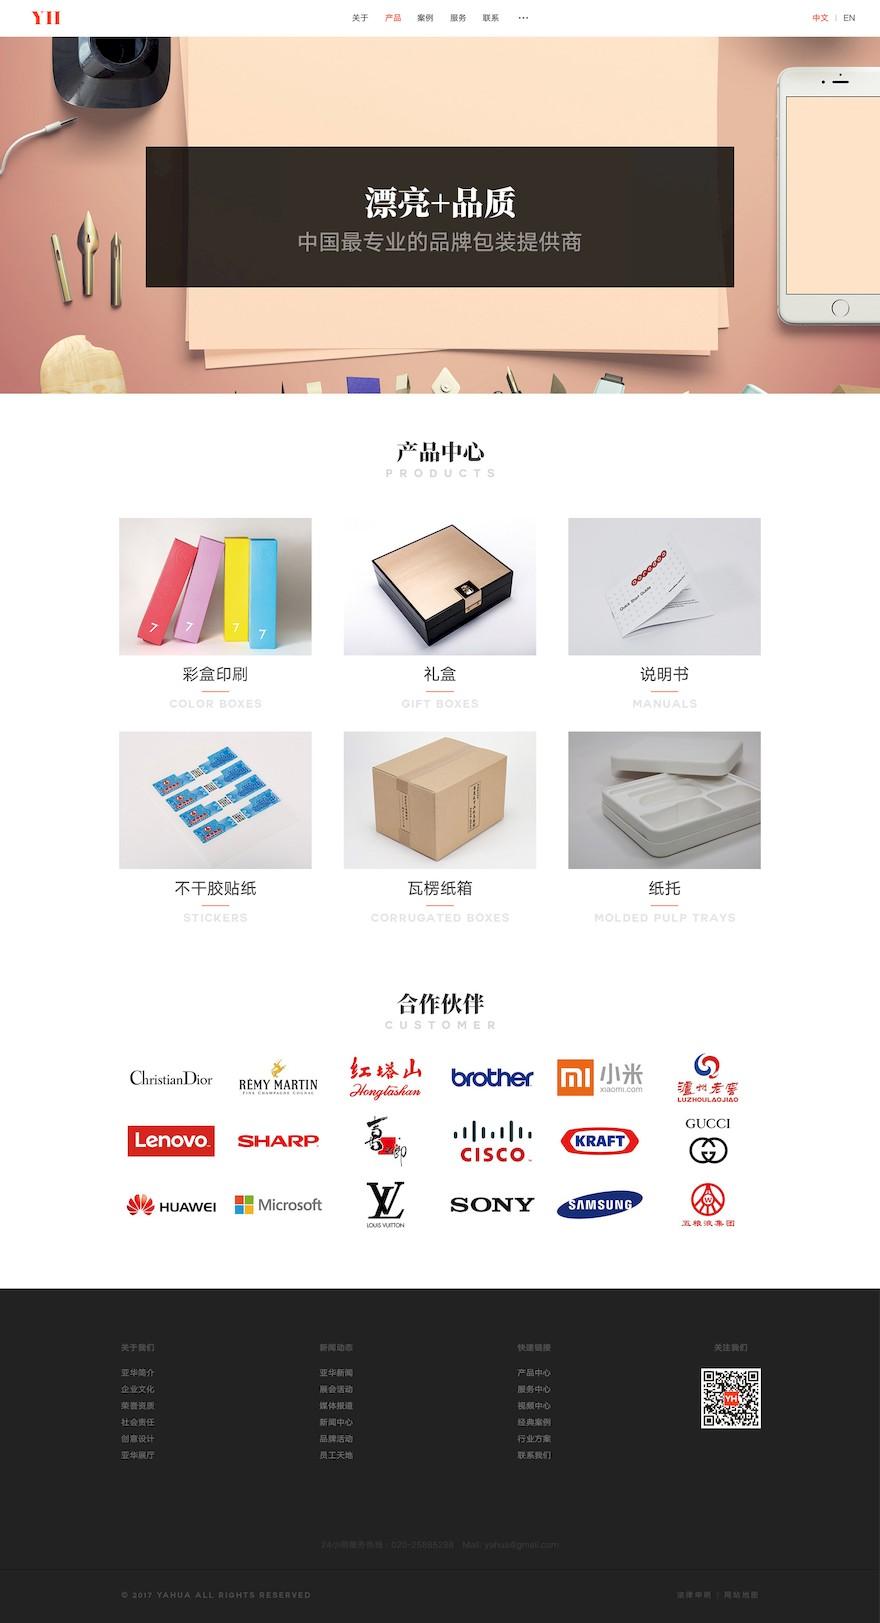 实用的中文印刷类企业网站psd和html模板[Photoshop/HTML/2.32GB]百度网盘下载插图(2)